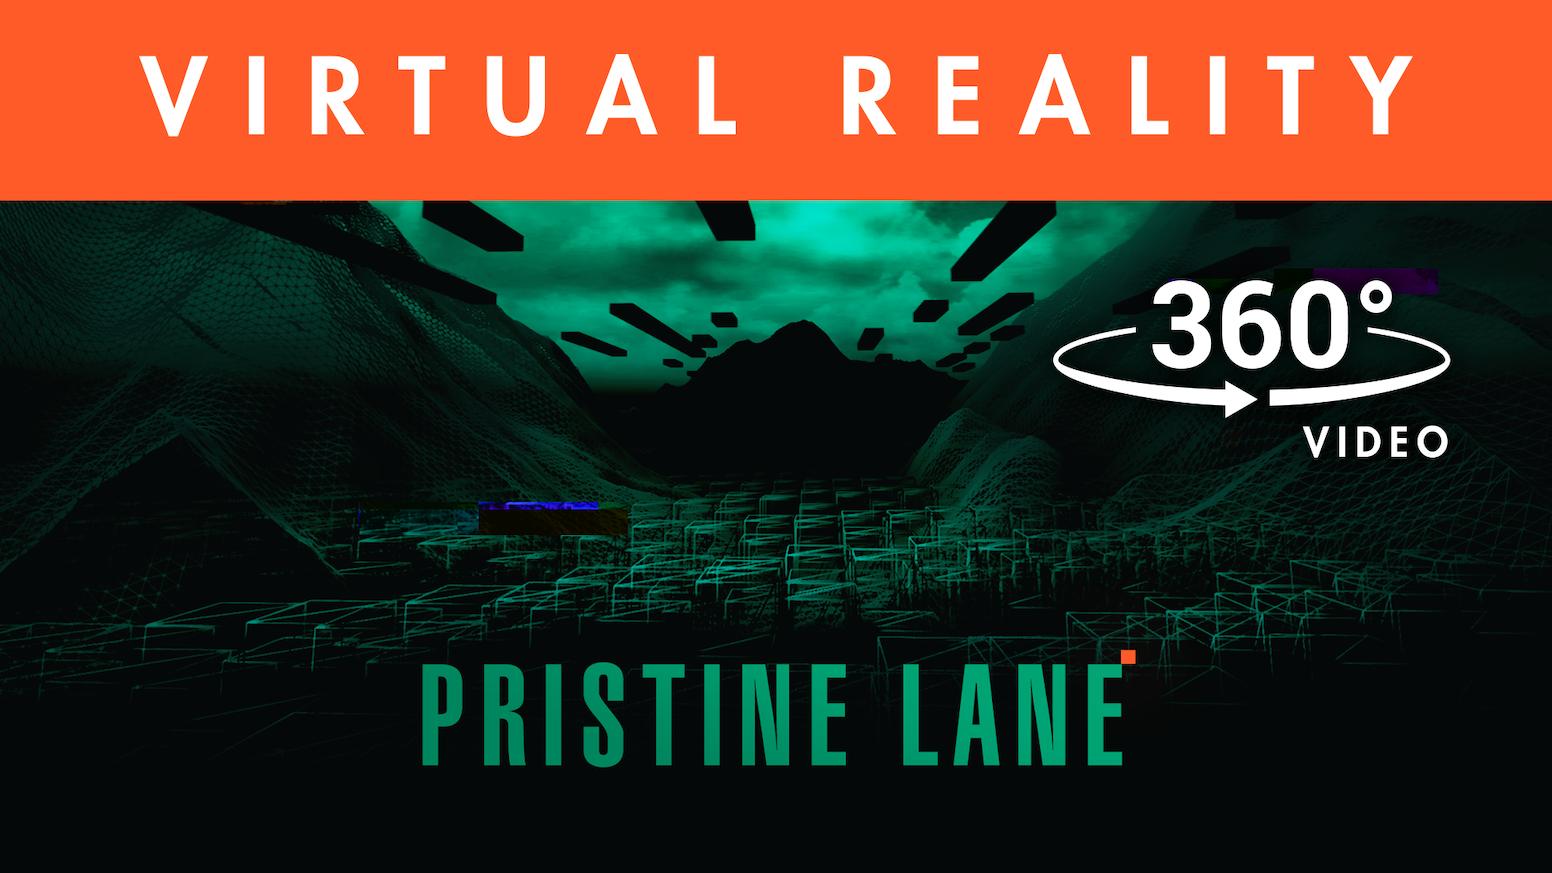 Cortometraje de animación. Ayúdanos a convertir música en espacios virtuales. SciFi 360 Video and VR Experience about life after death.